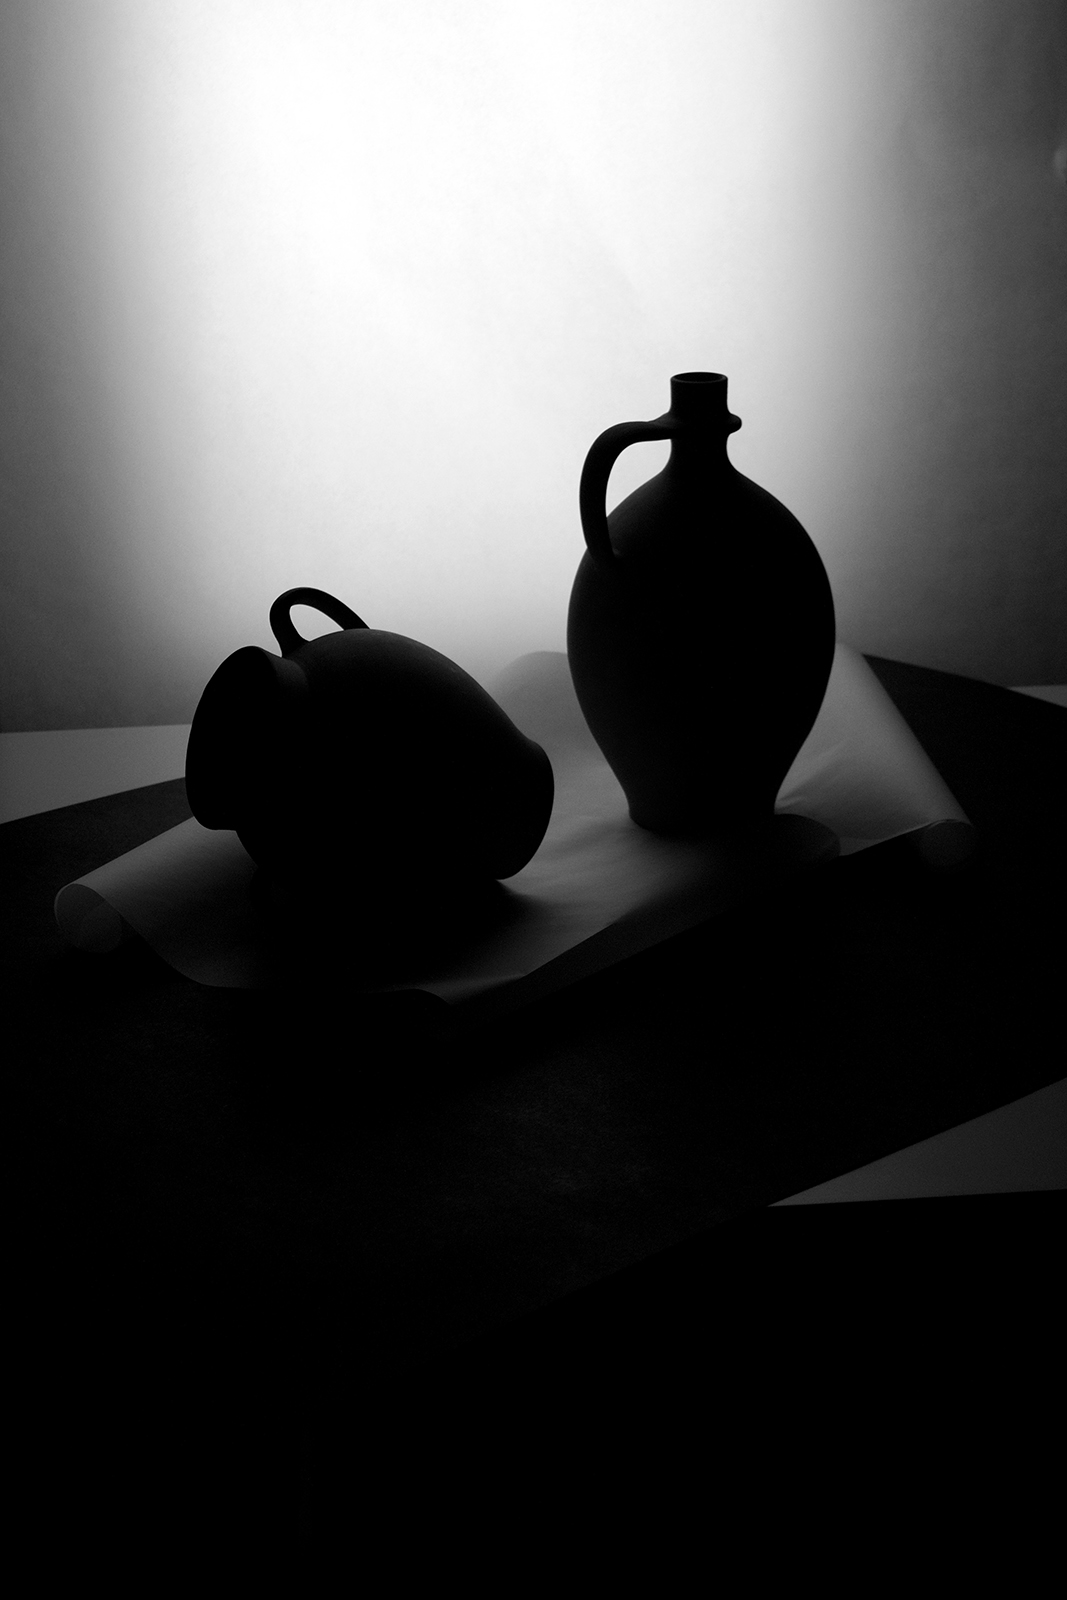 Osvětlení v atelieru <br>Fotografická cvičení | 1. ročník <br>2020/21 V1Bf